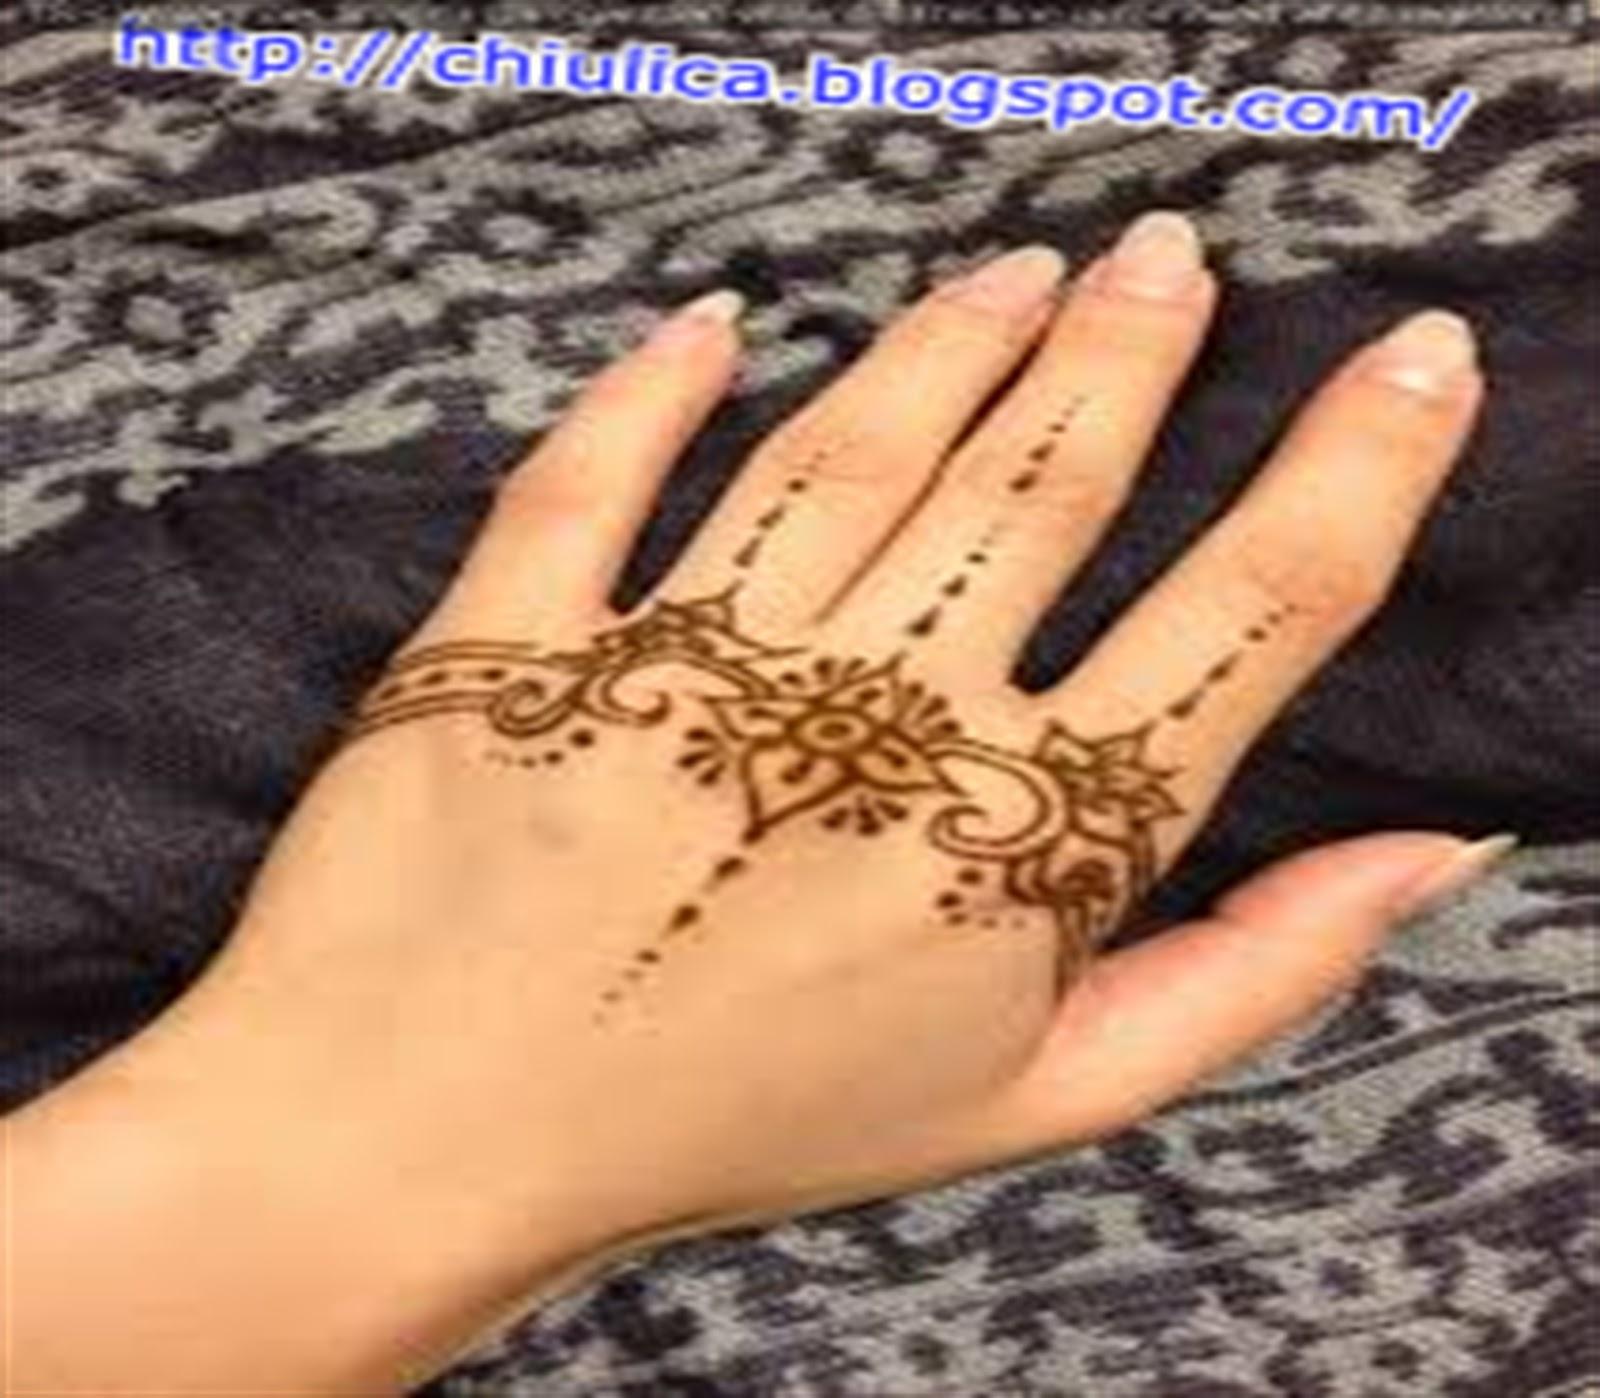 5 Awesome Henna Yang Mudah Dibuat Simple Dan Mudah Terbaru 2017